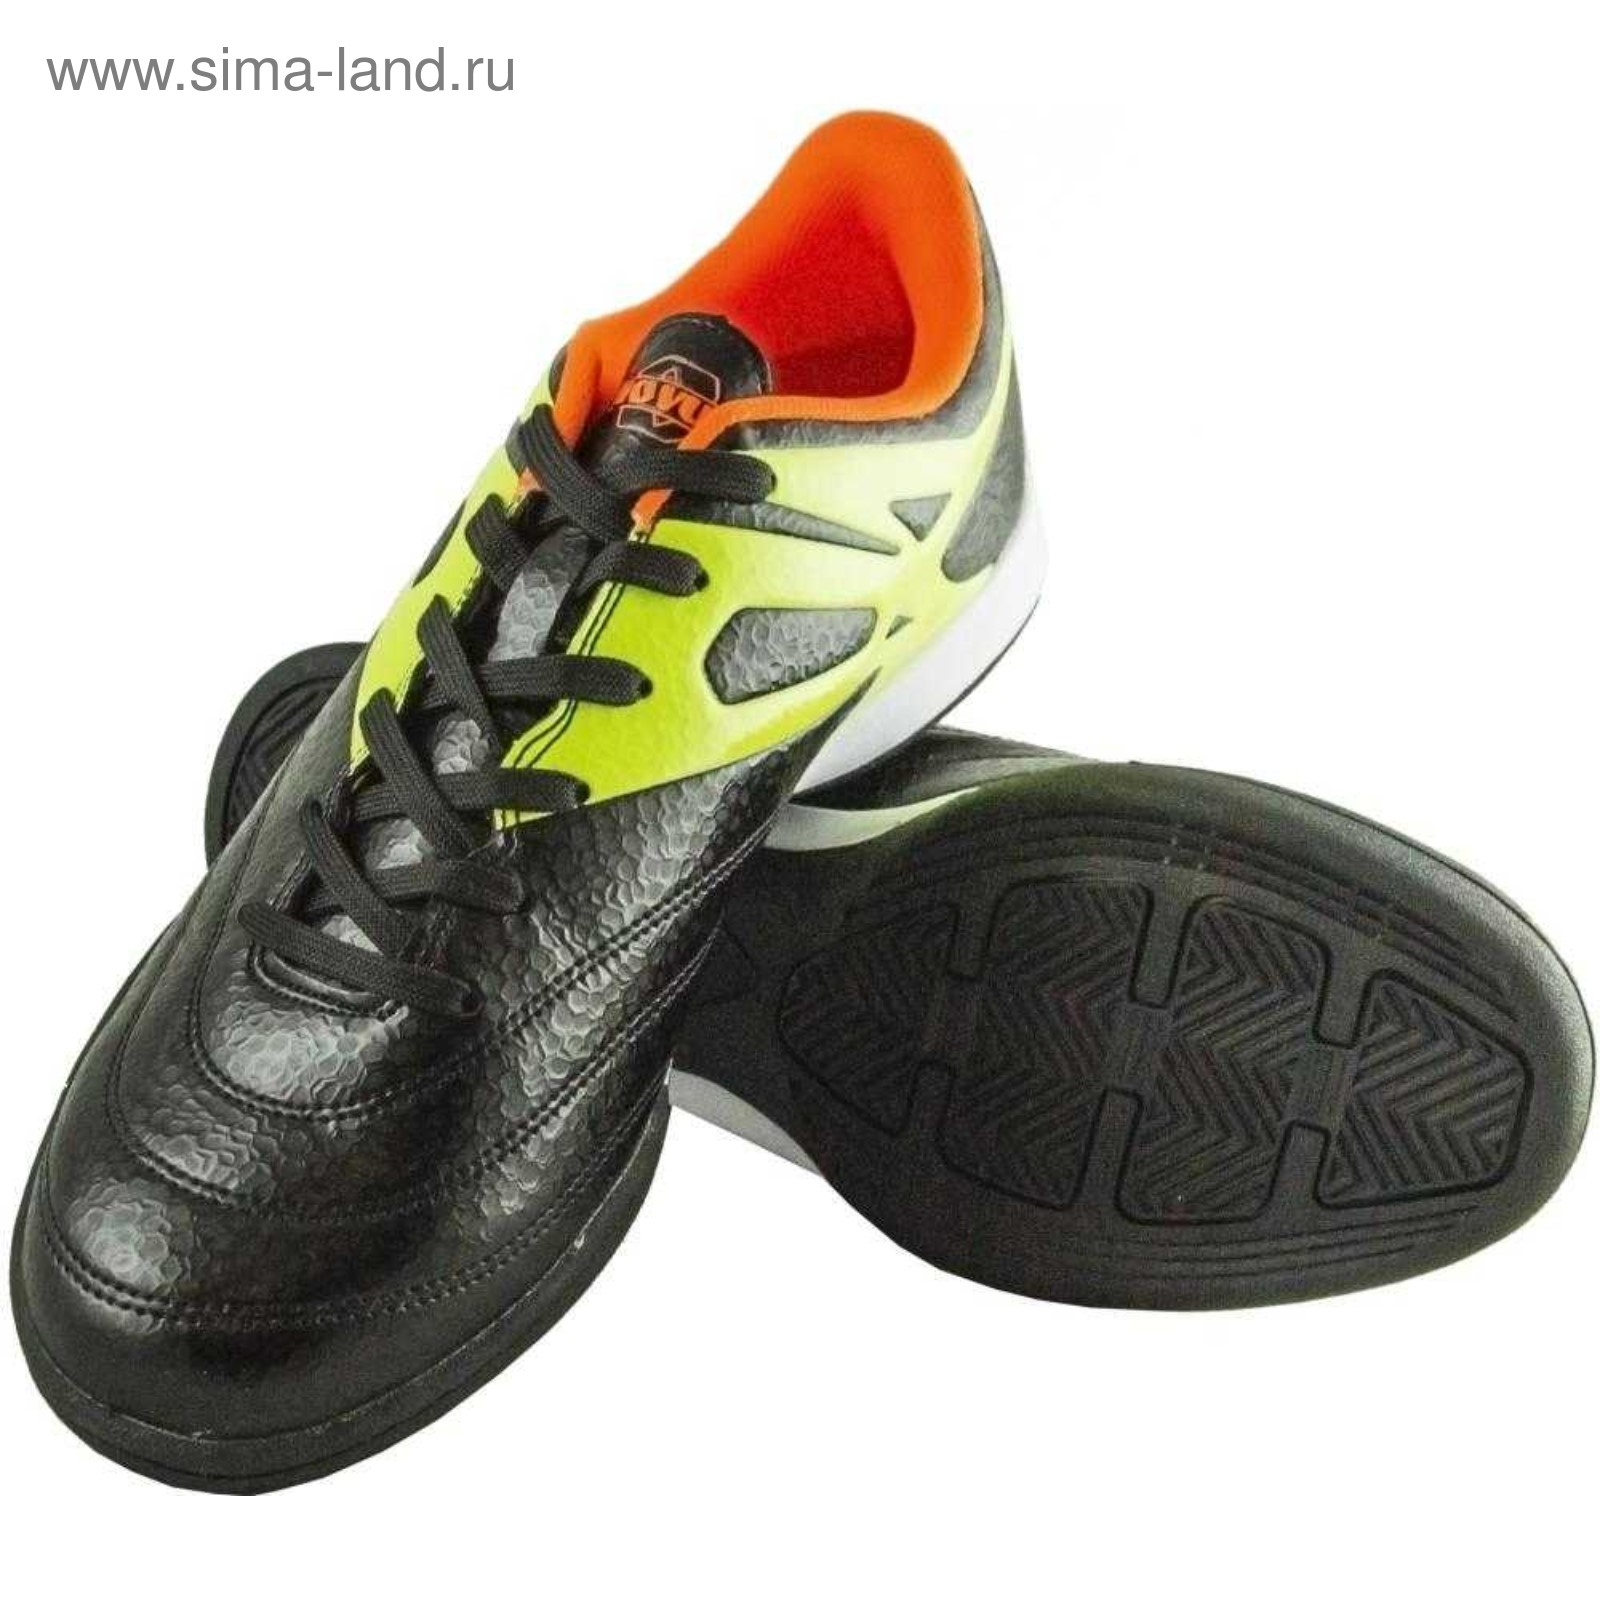 d5a5f474596a Футбольные бутсы Novus, цвет чёрный, размер 45 (3843684) - Купить по ...